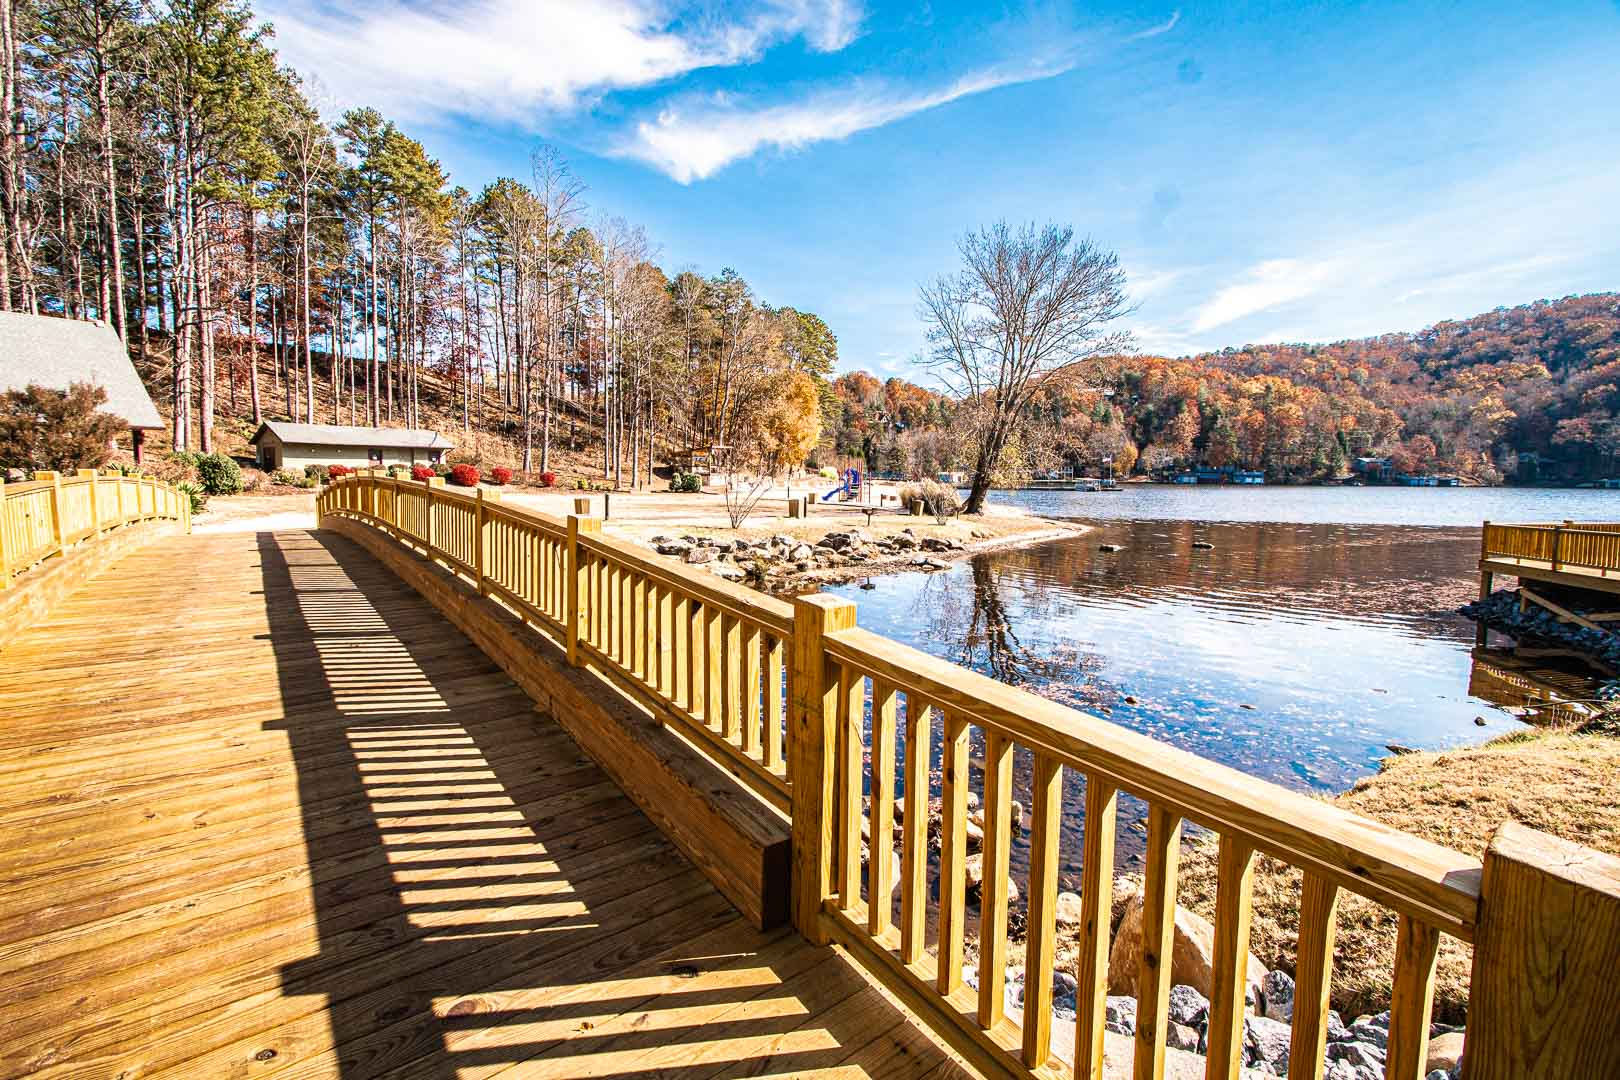 A scenic view at VRI's Fox Run Resort in North Carolina.